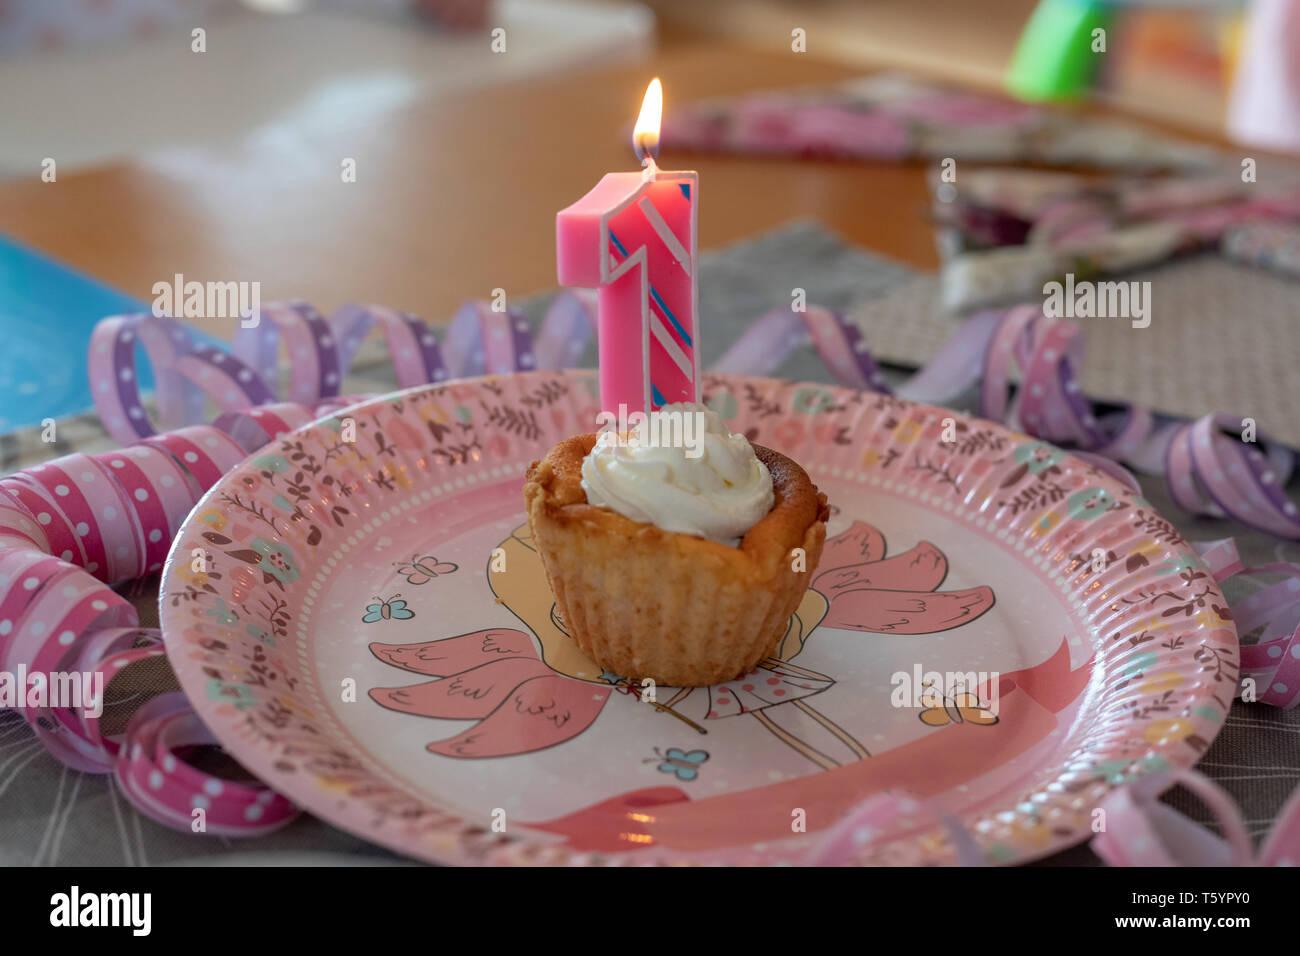 Vela de cumpleaños número 1 en una heladería Imagen De Stock